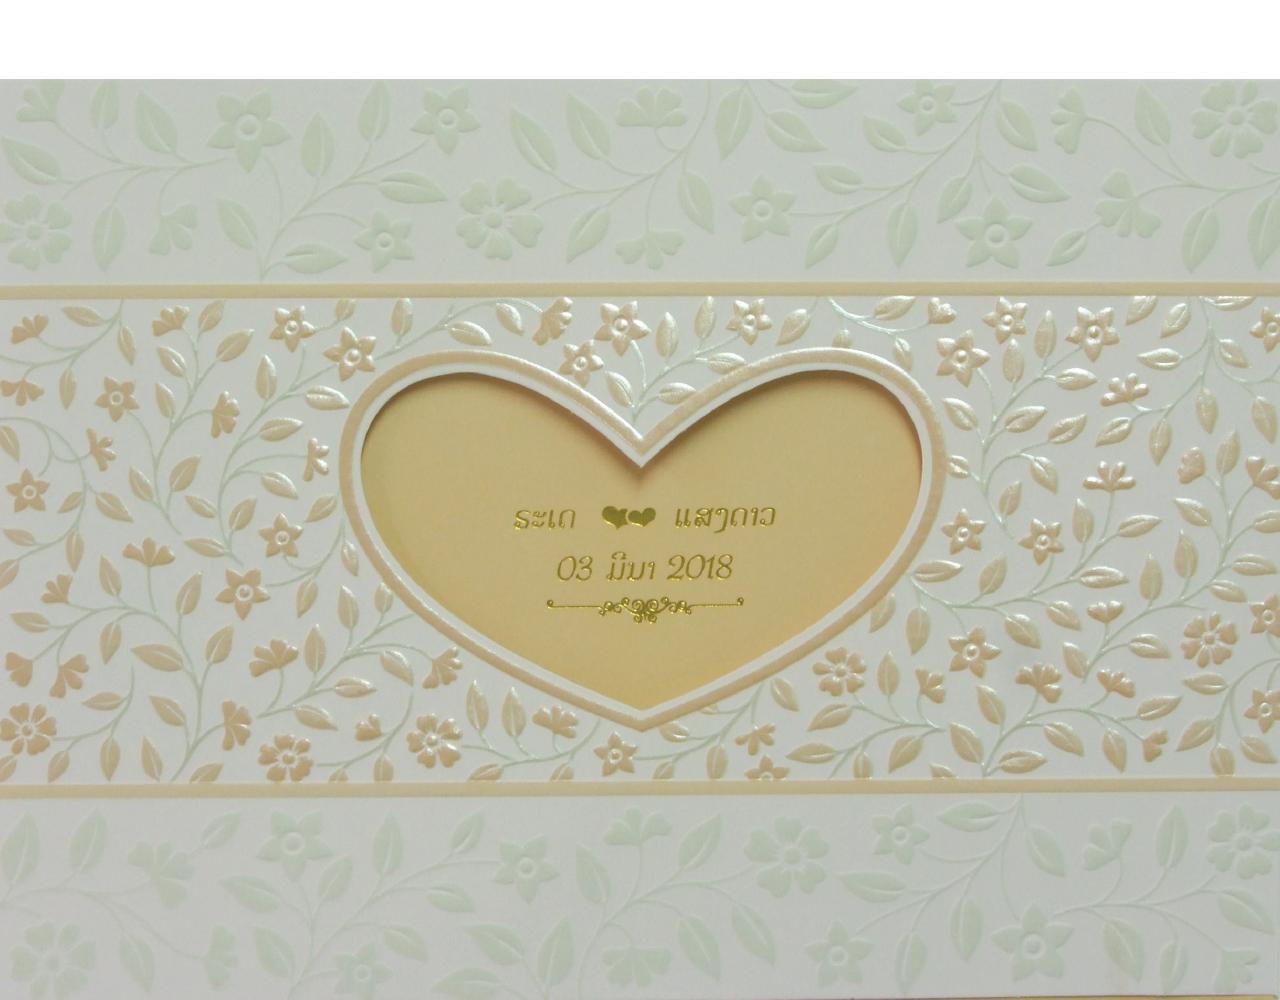 การ์ดแต่งงาน การ์ดเชิญ 3 พับ ลวดลายดอกไม้ ปั๊มนูน wedding card 13 x 18 cm WC 5333 Cream ฿ 8.00